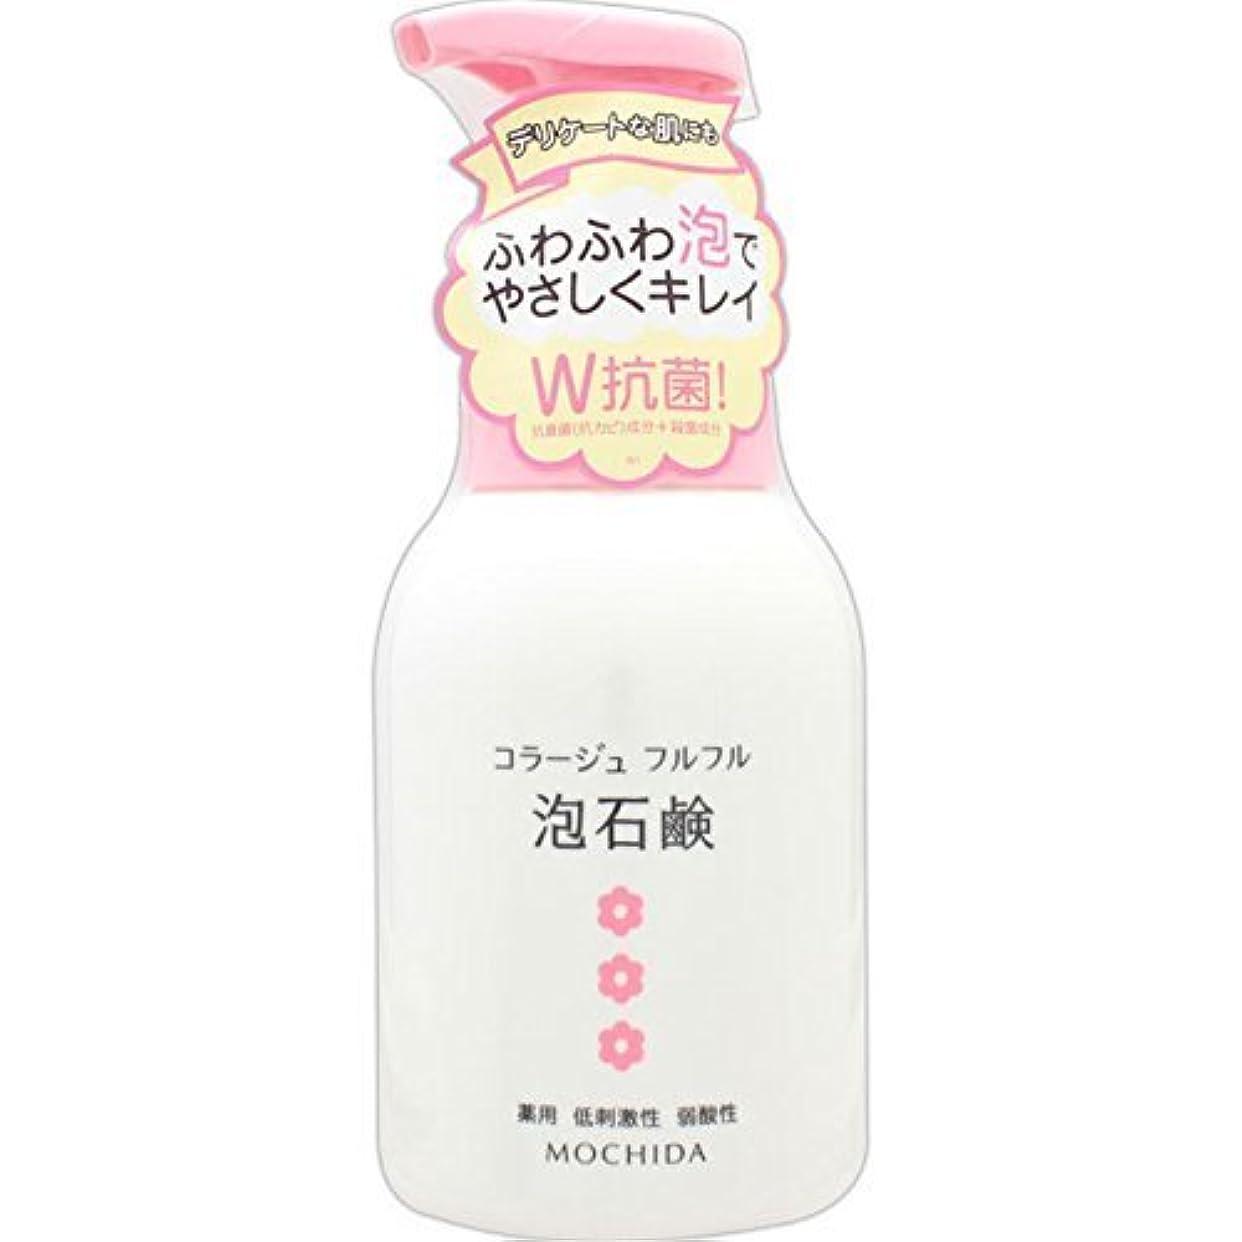 旅客る隠すコラージュフルフル 泡石鹸 ピンク 300m L (医薬部外品) ×5